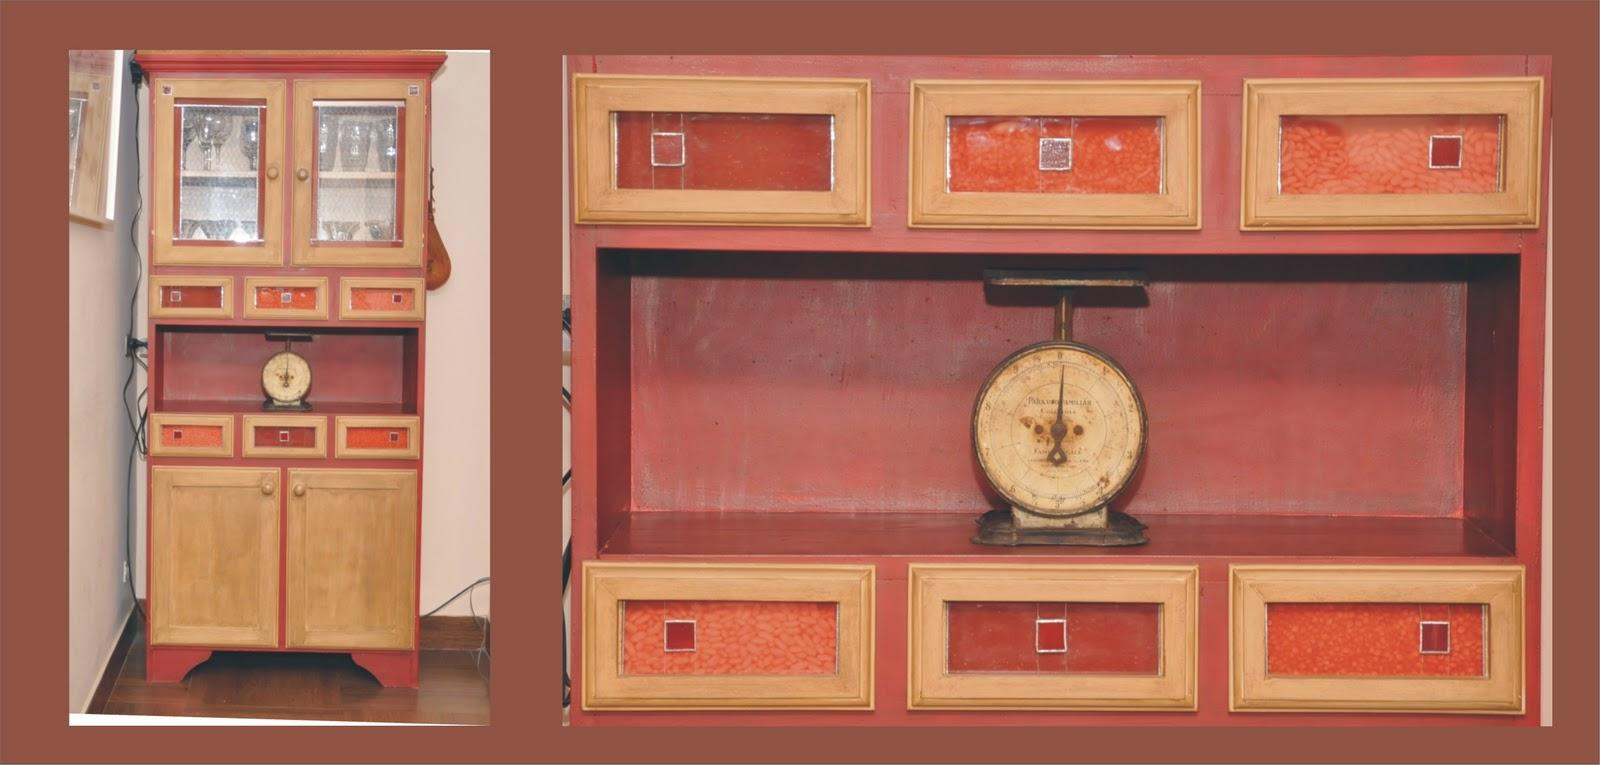 Quinta casa muebles pintados - Muebles para casa de campo ...